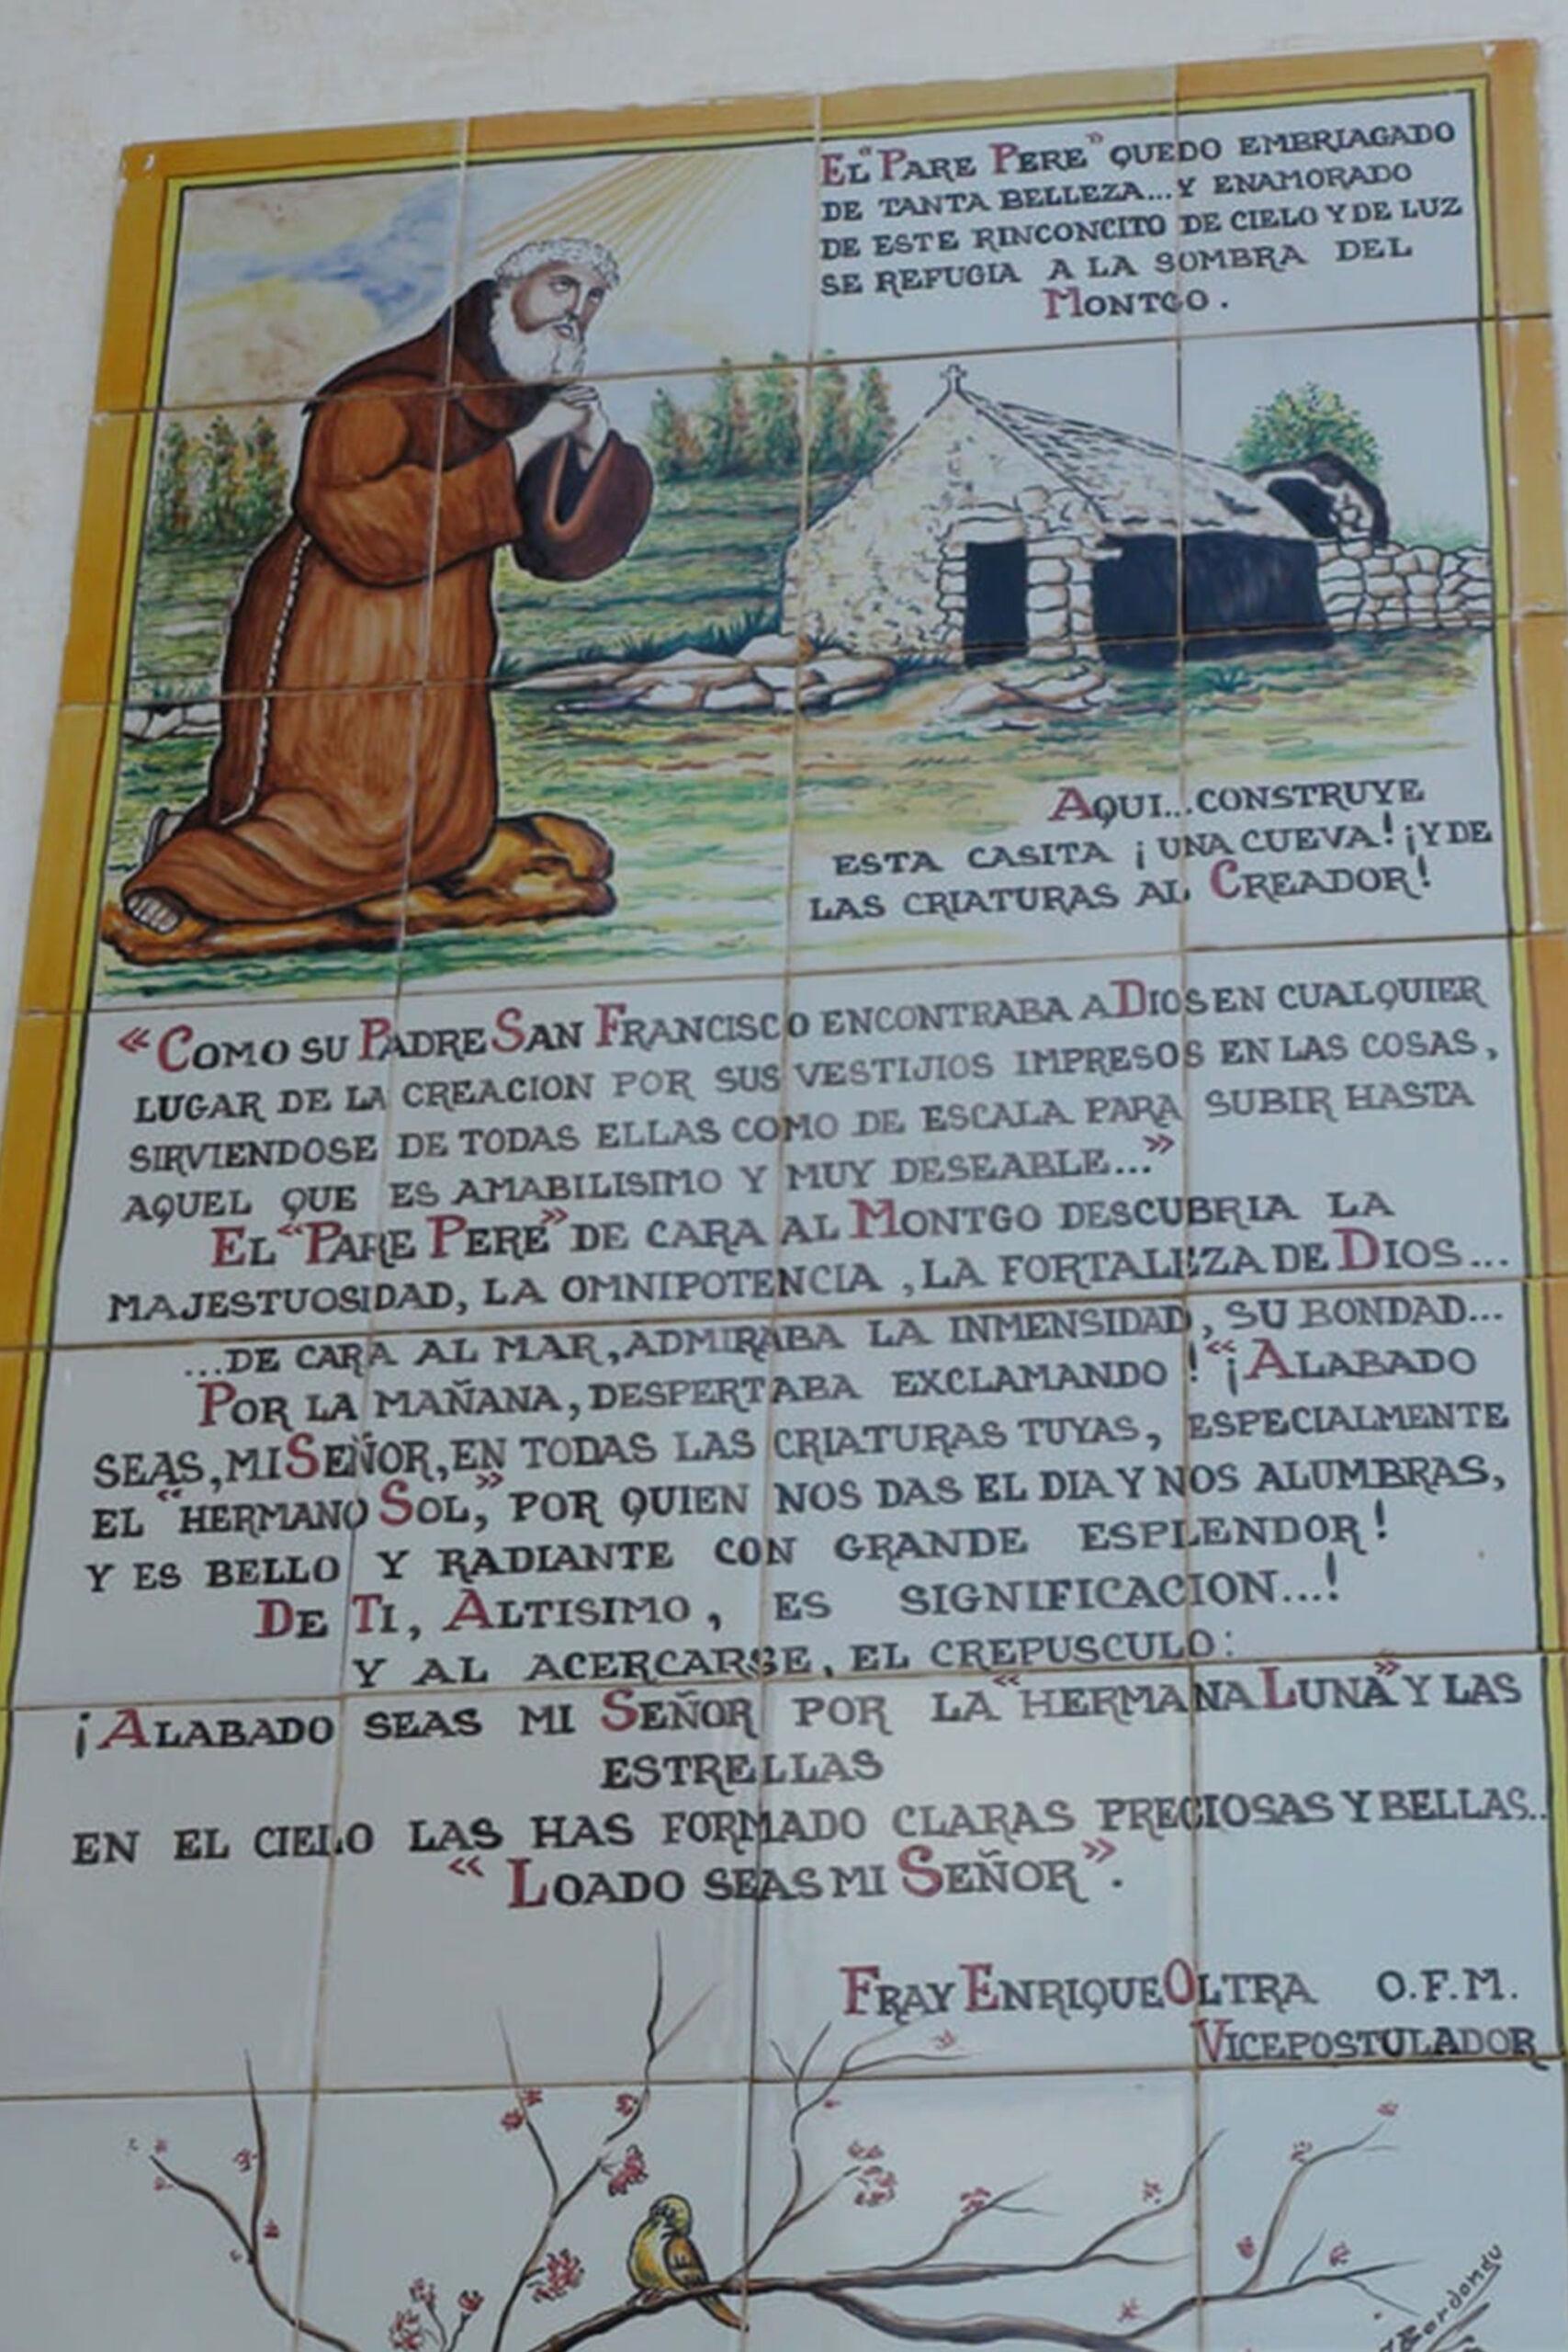 Textos al Pare Pere en la Ermita